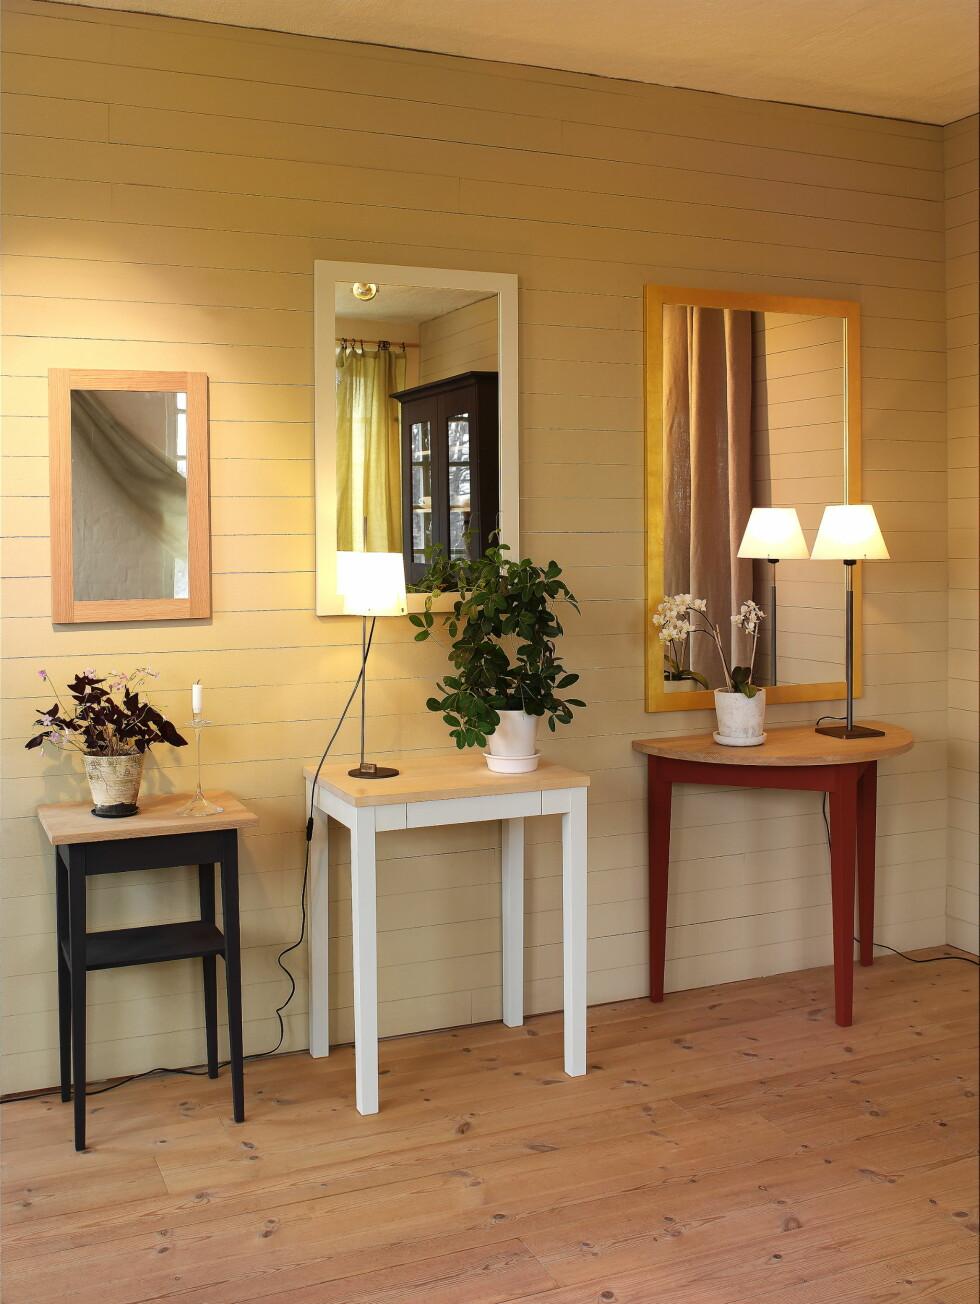 Små entremøbler på rekke og rad (fra venstre): Bord bas, bord med skuff, og bord halvsirkel, samt speil med forskjellig finish på rammen.  Foto: Norrgavel